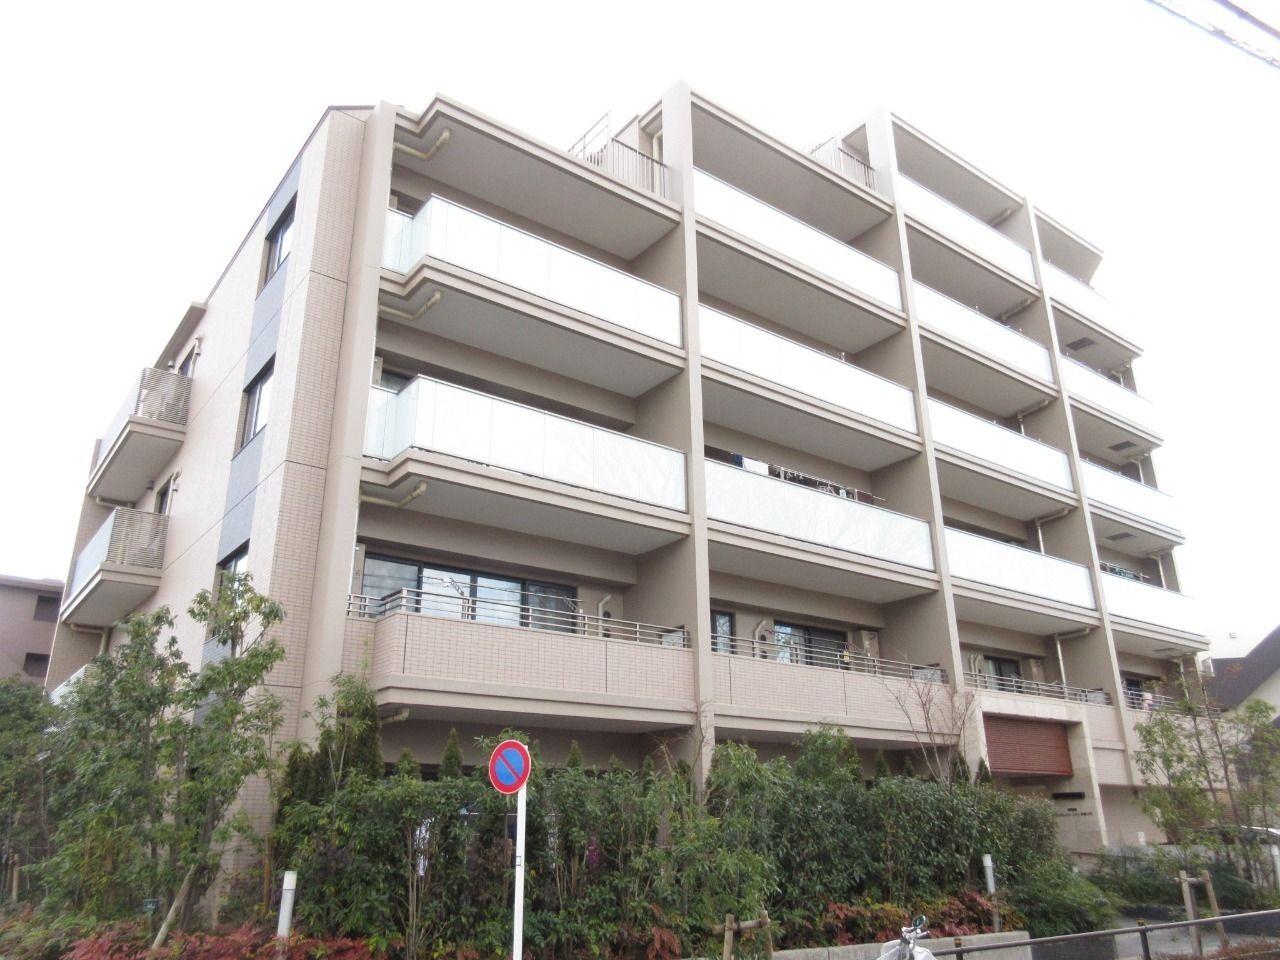 みなさまこんにちは。 板橋区大門の分譲賃貸マンション【エクセレントシティ板橋大門203号室】。 上質な邸宅とは、まさにココです。 募集条件を変更したのでお知らせします。